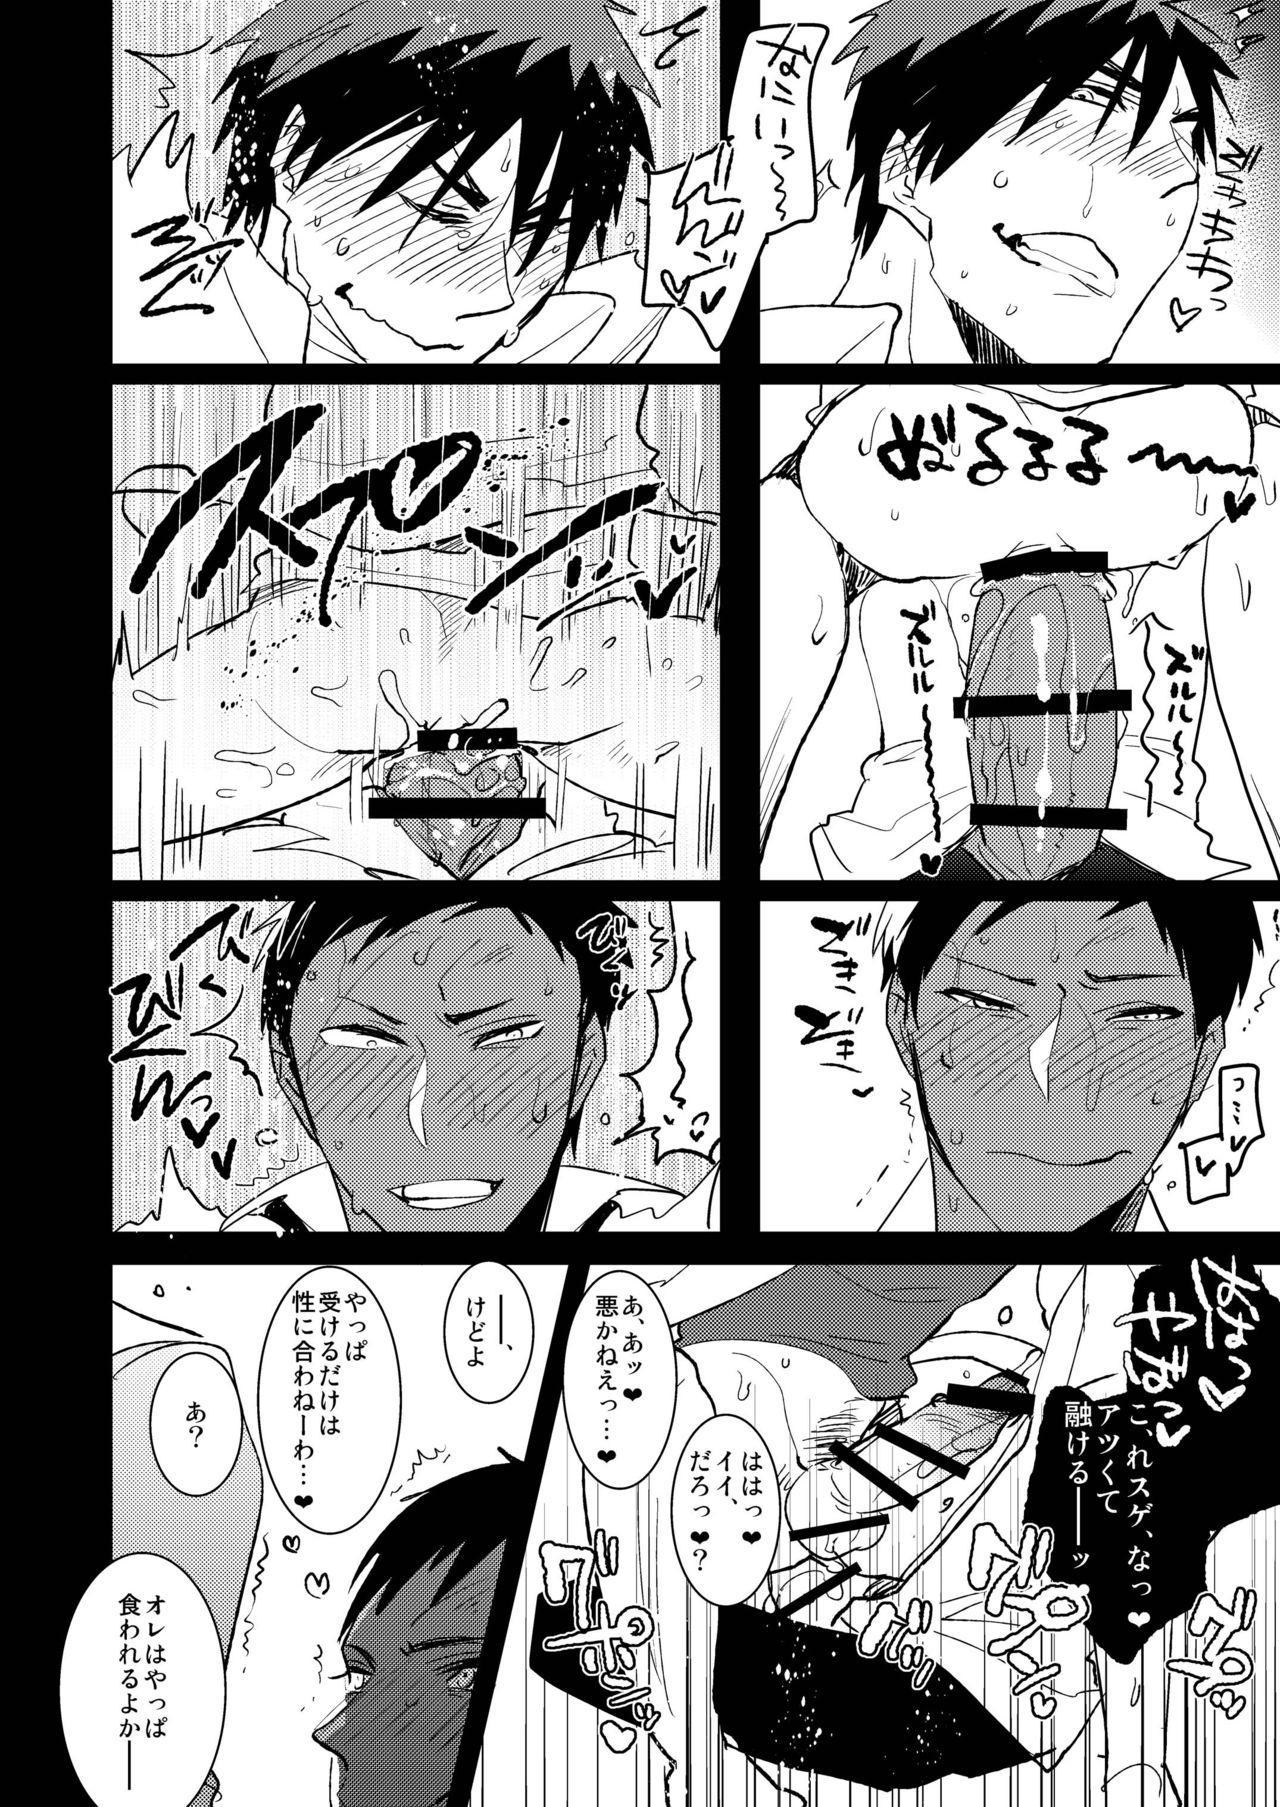 Kagami-kun no Ero hon 9 Ippatsuyara Sete Kure! 22